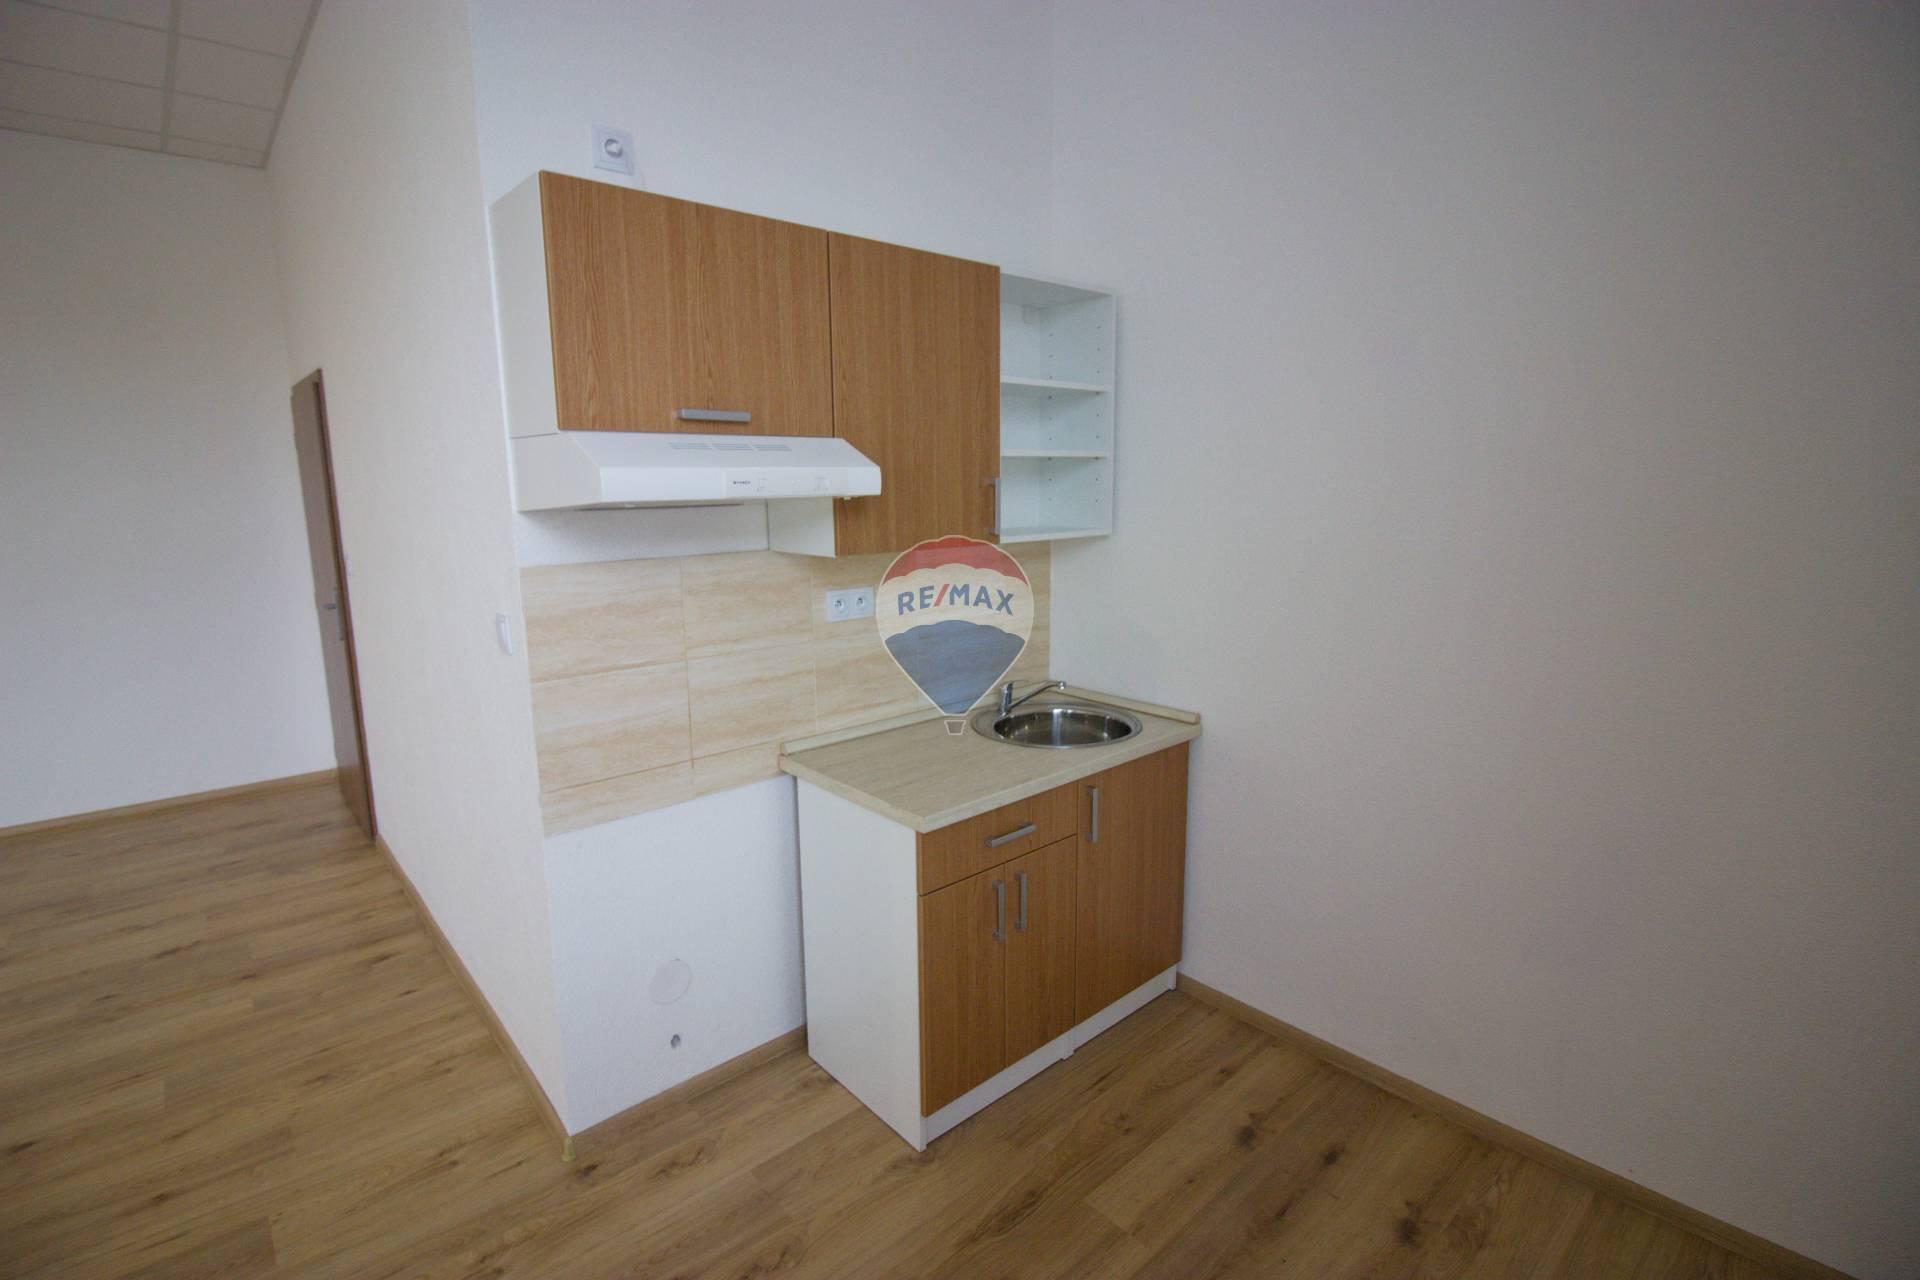 Prenájom 2-izbového bytu č.2.17-rozloha 64,35m2, Nové Mesto nad Váhom